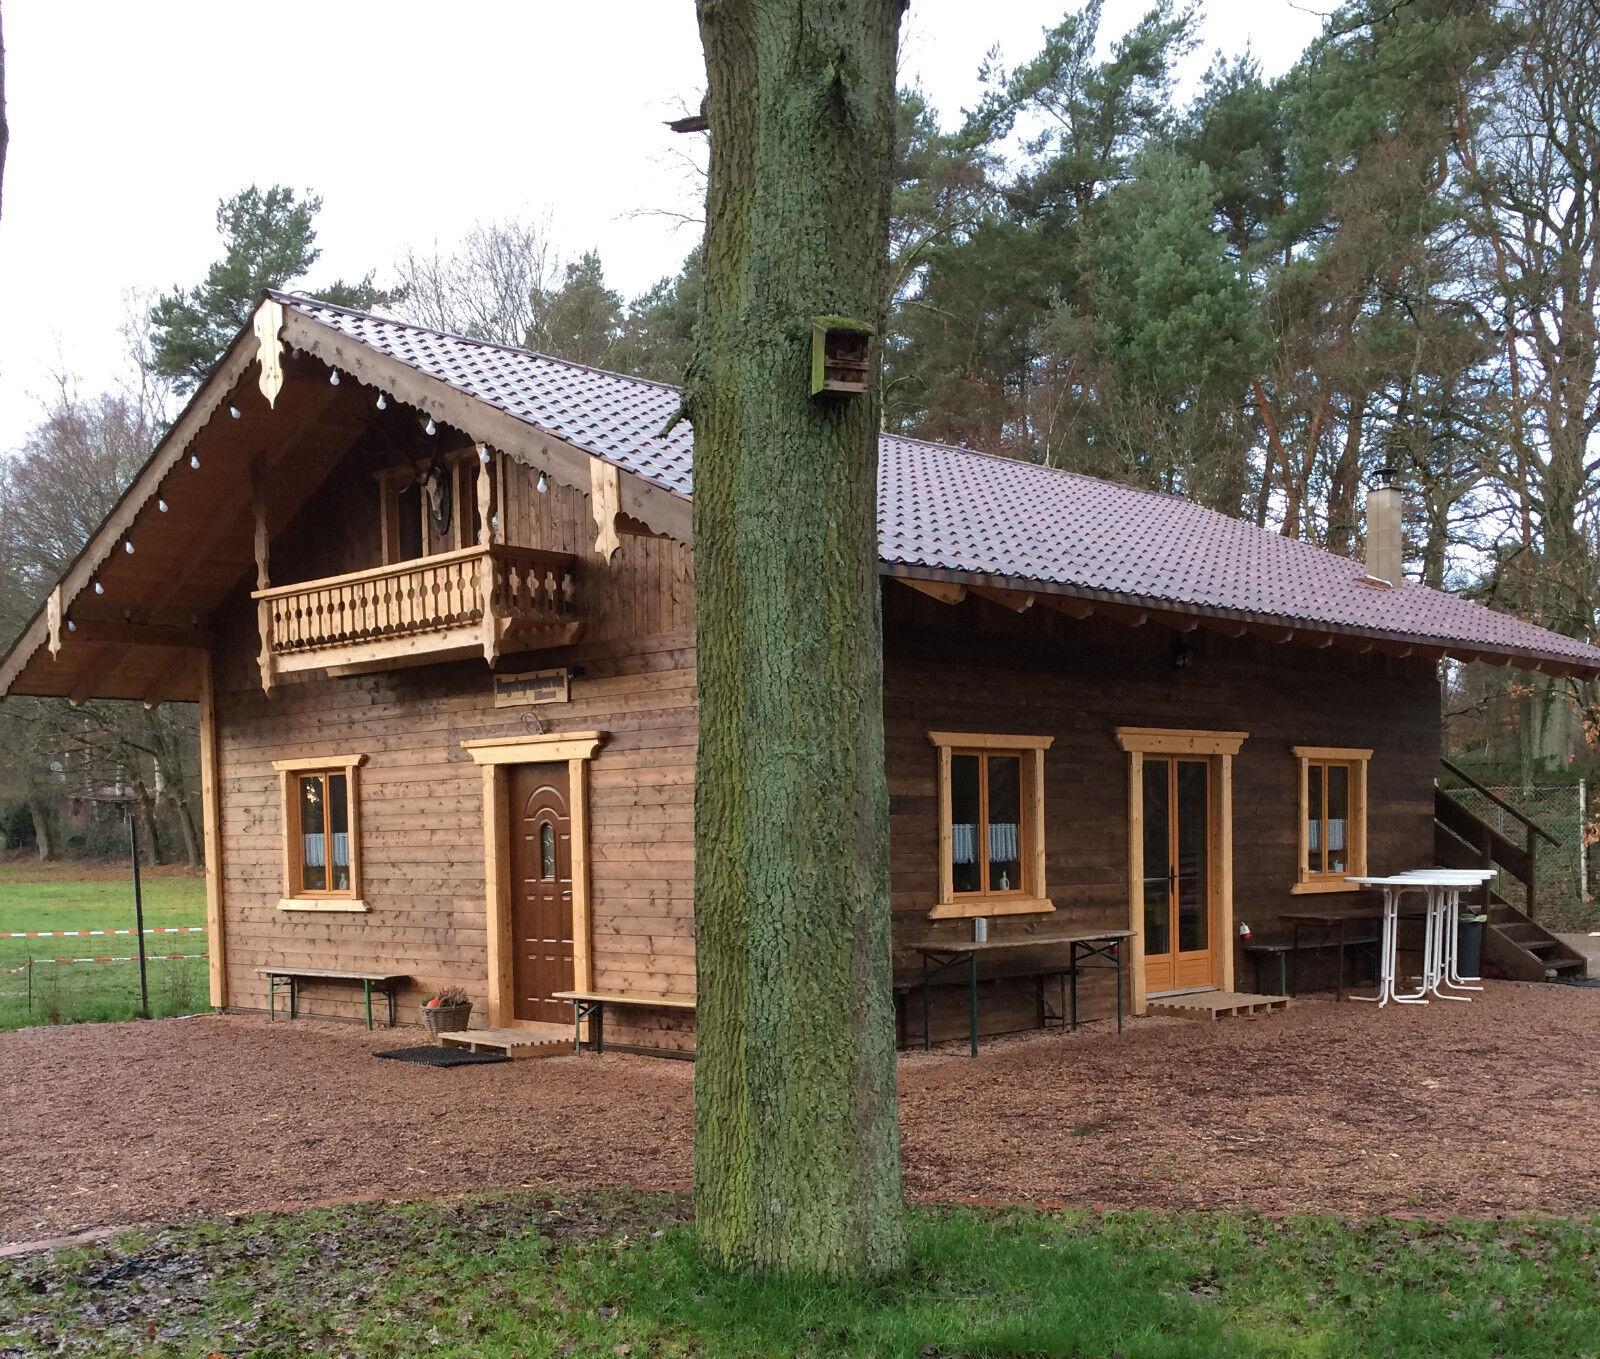 gartenhaus ferienhaus holzhaus blockhaus wochenendhaus 10 x 7 50 eur. Black Bedroom Furniture Sets. Home Design Ideas